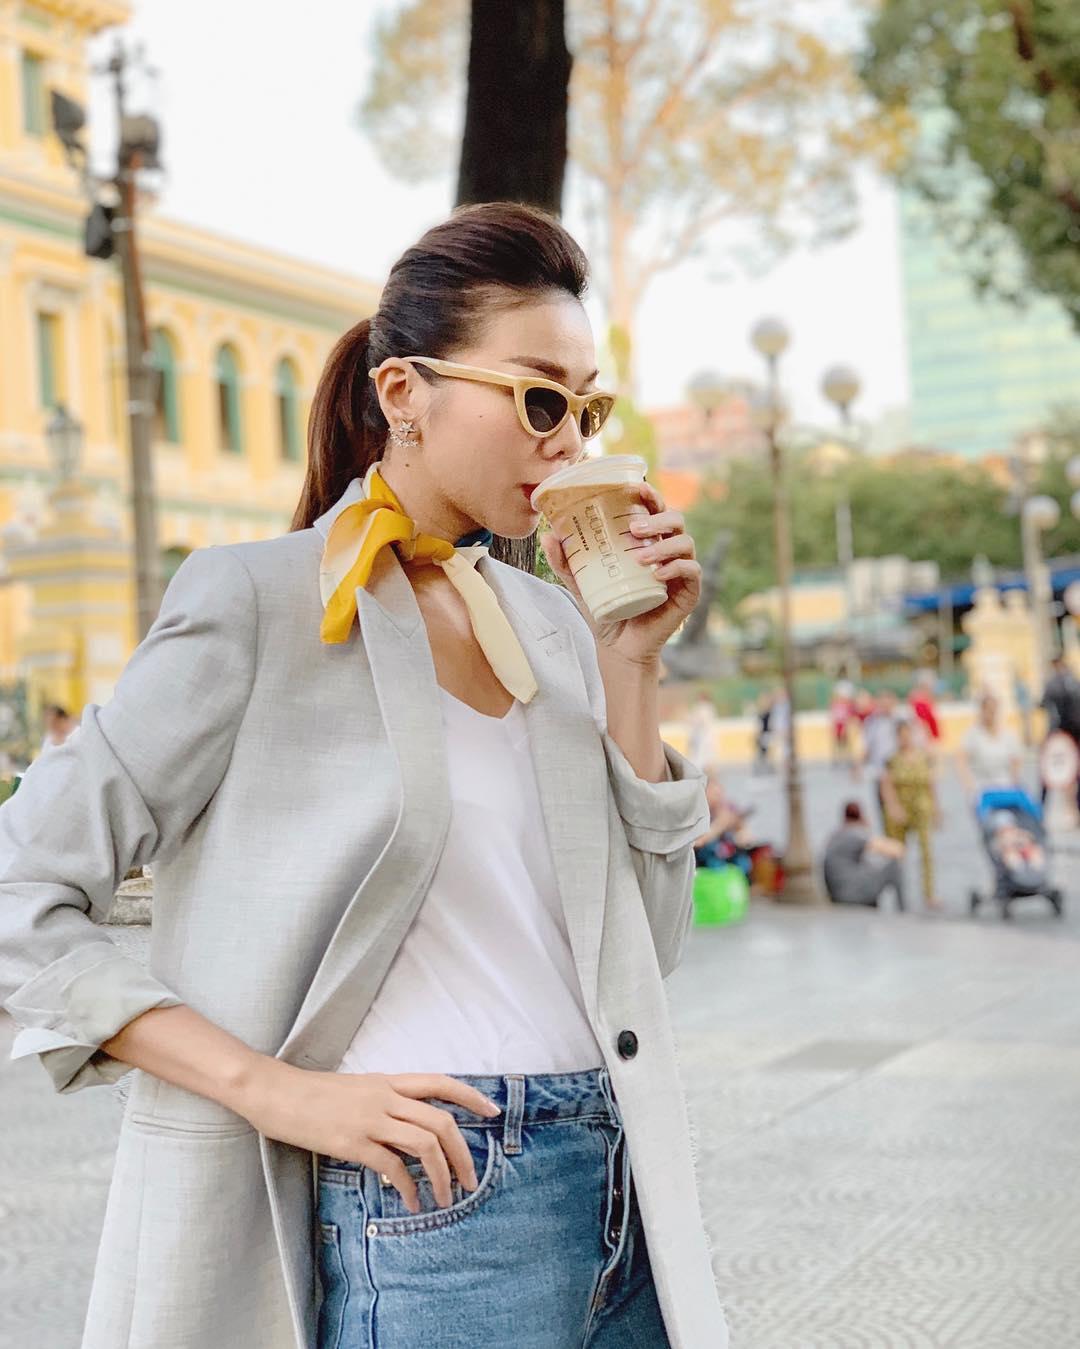 Dress code semi formal - Thanh Hằng mặc đồ đơn giản, đeo khăn quàng cổ và mắt kính màu vàng